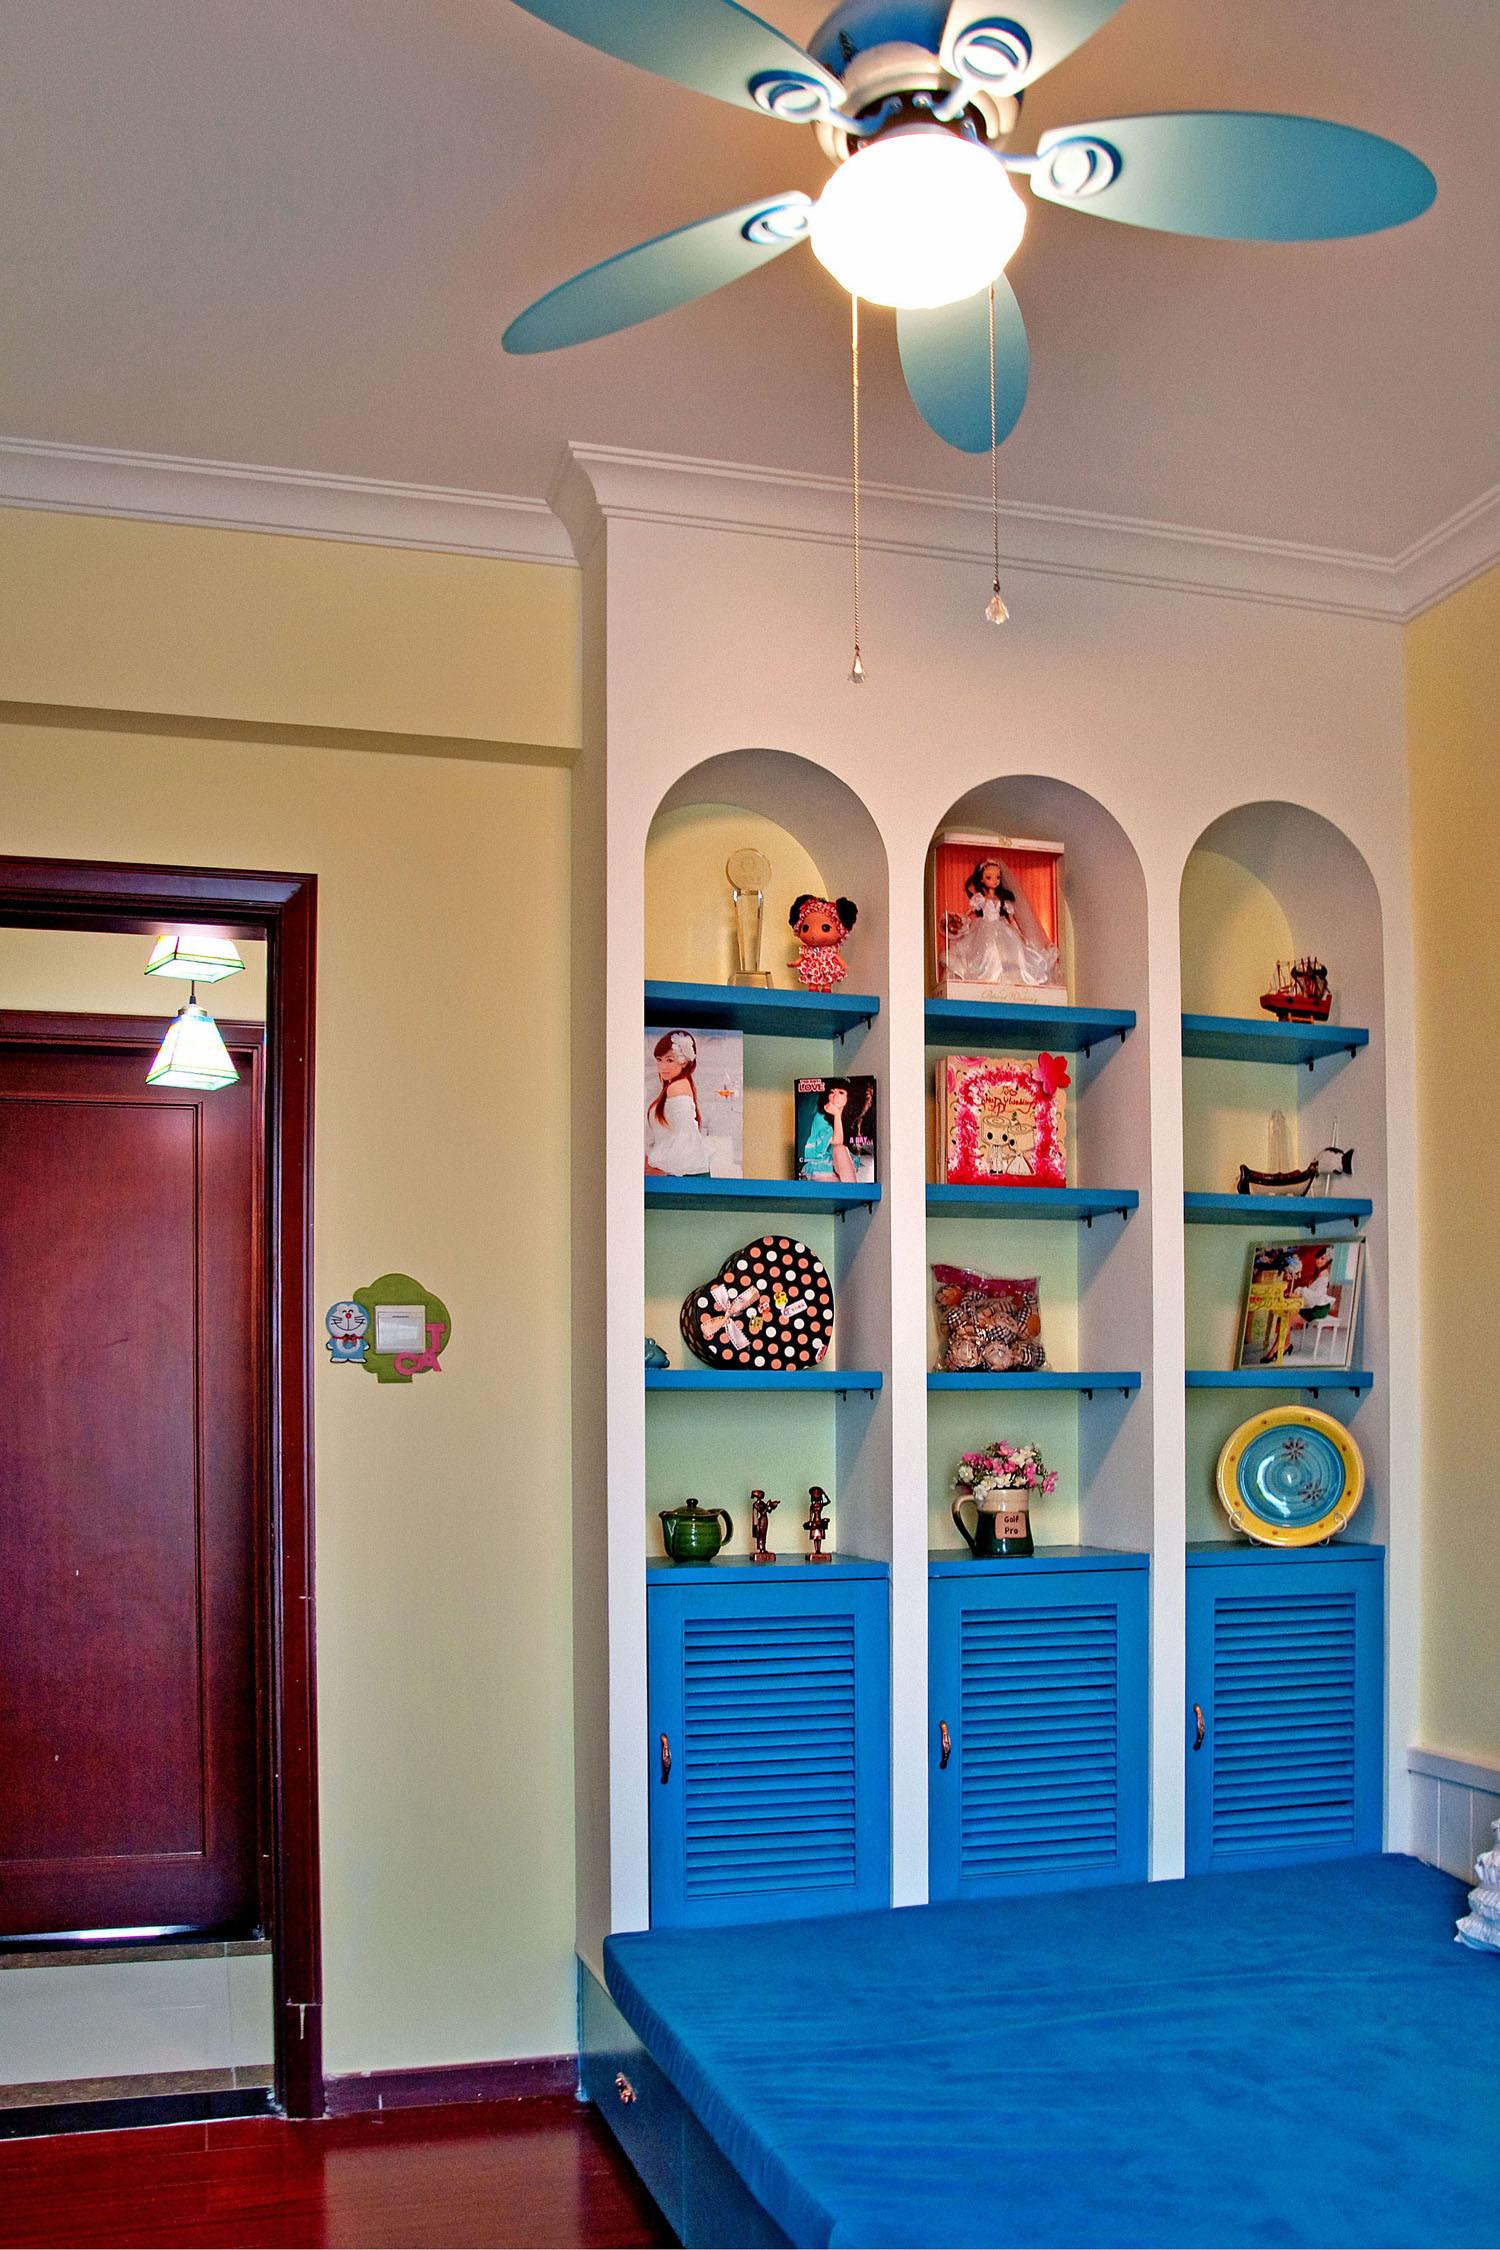 三居室地中海风格吊扇灯图片